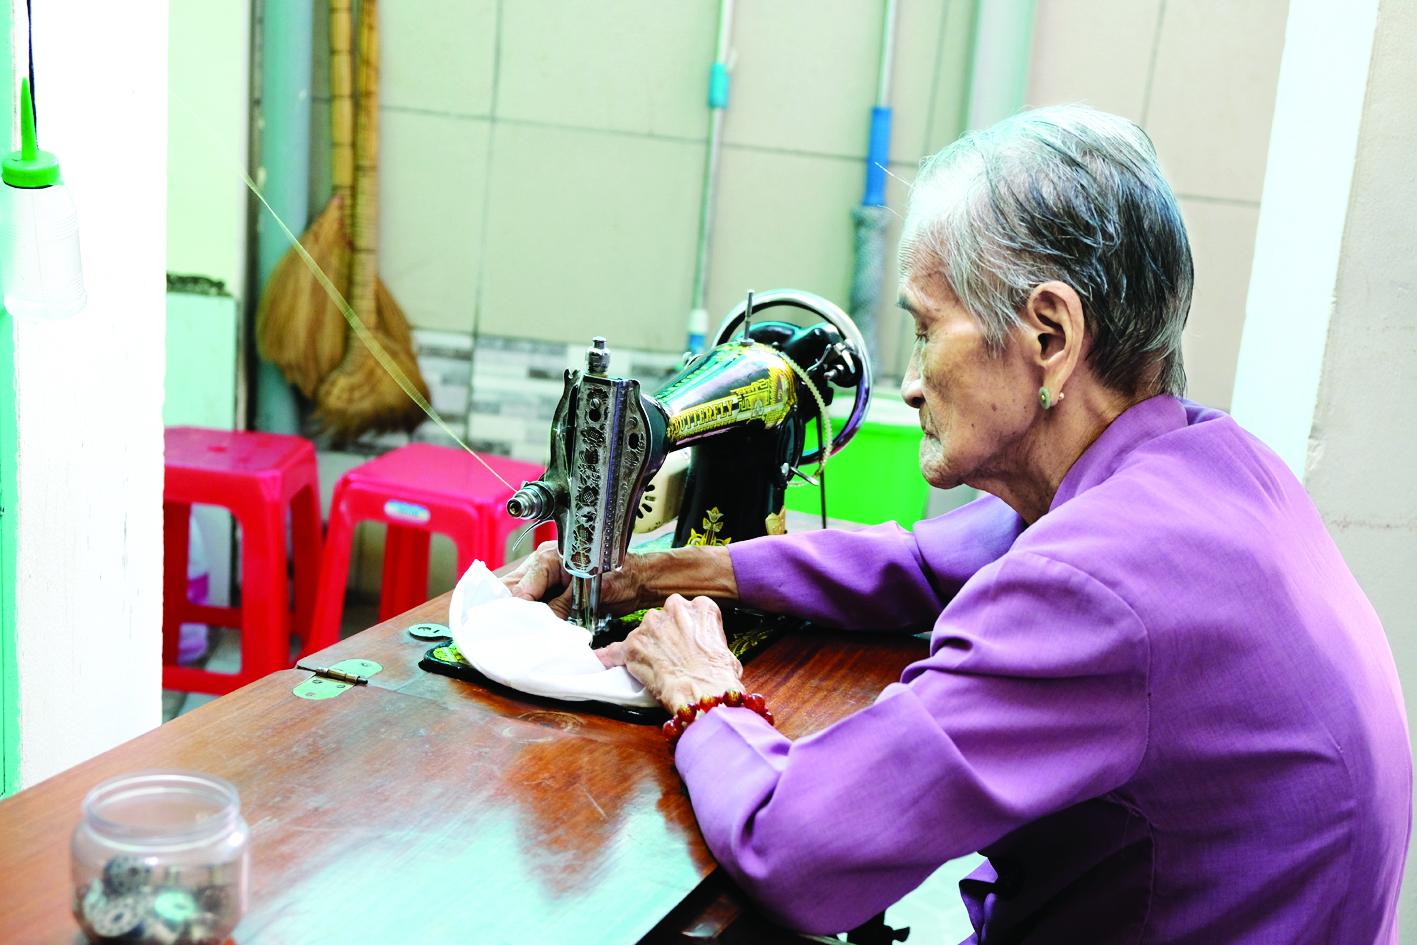 Mẹ Ngô Thị Quýt, 97 tuổi vẫn cặm cụi may khẩu trang phát cho người nghèo quanh khu phố mẹ ở